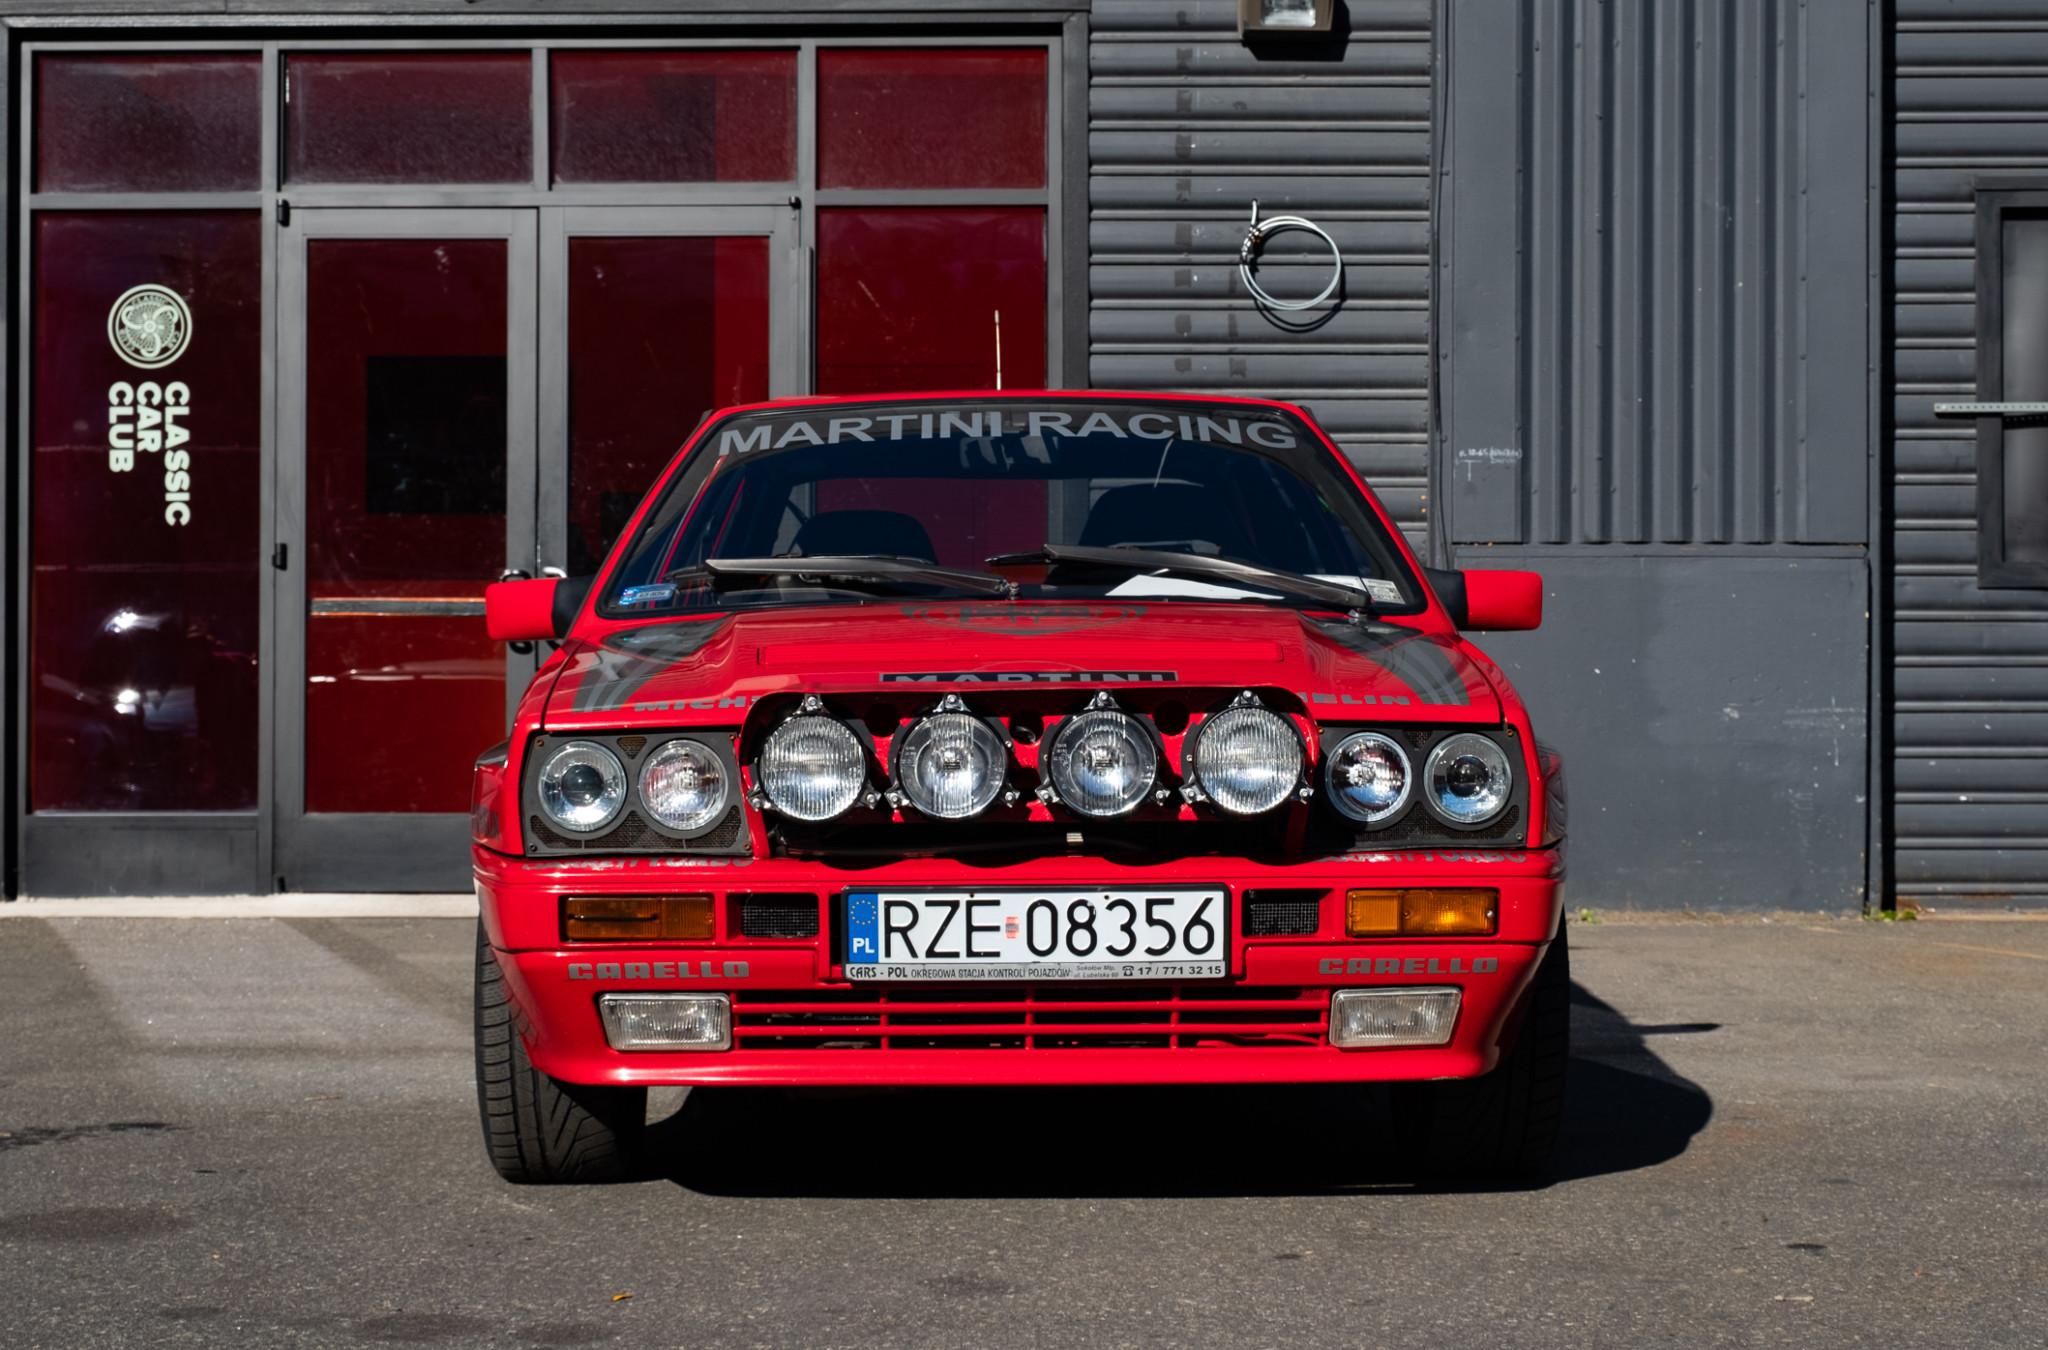 Lancia-Delta-Integrale-1989-for-sale-2